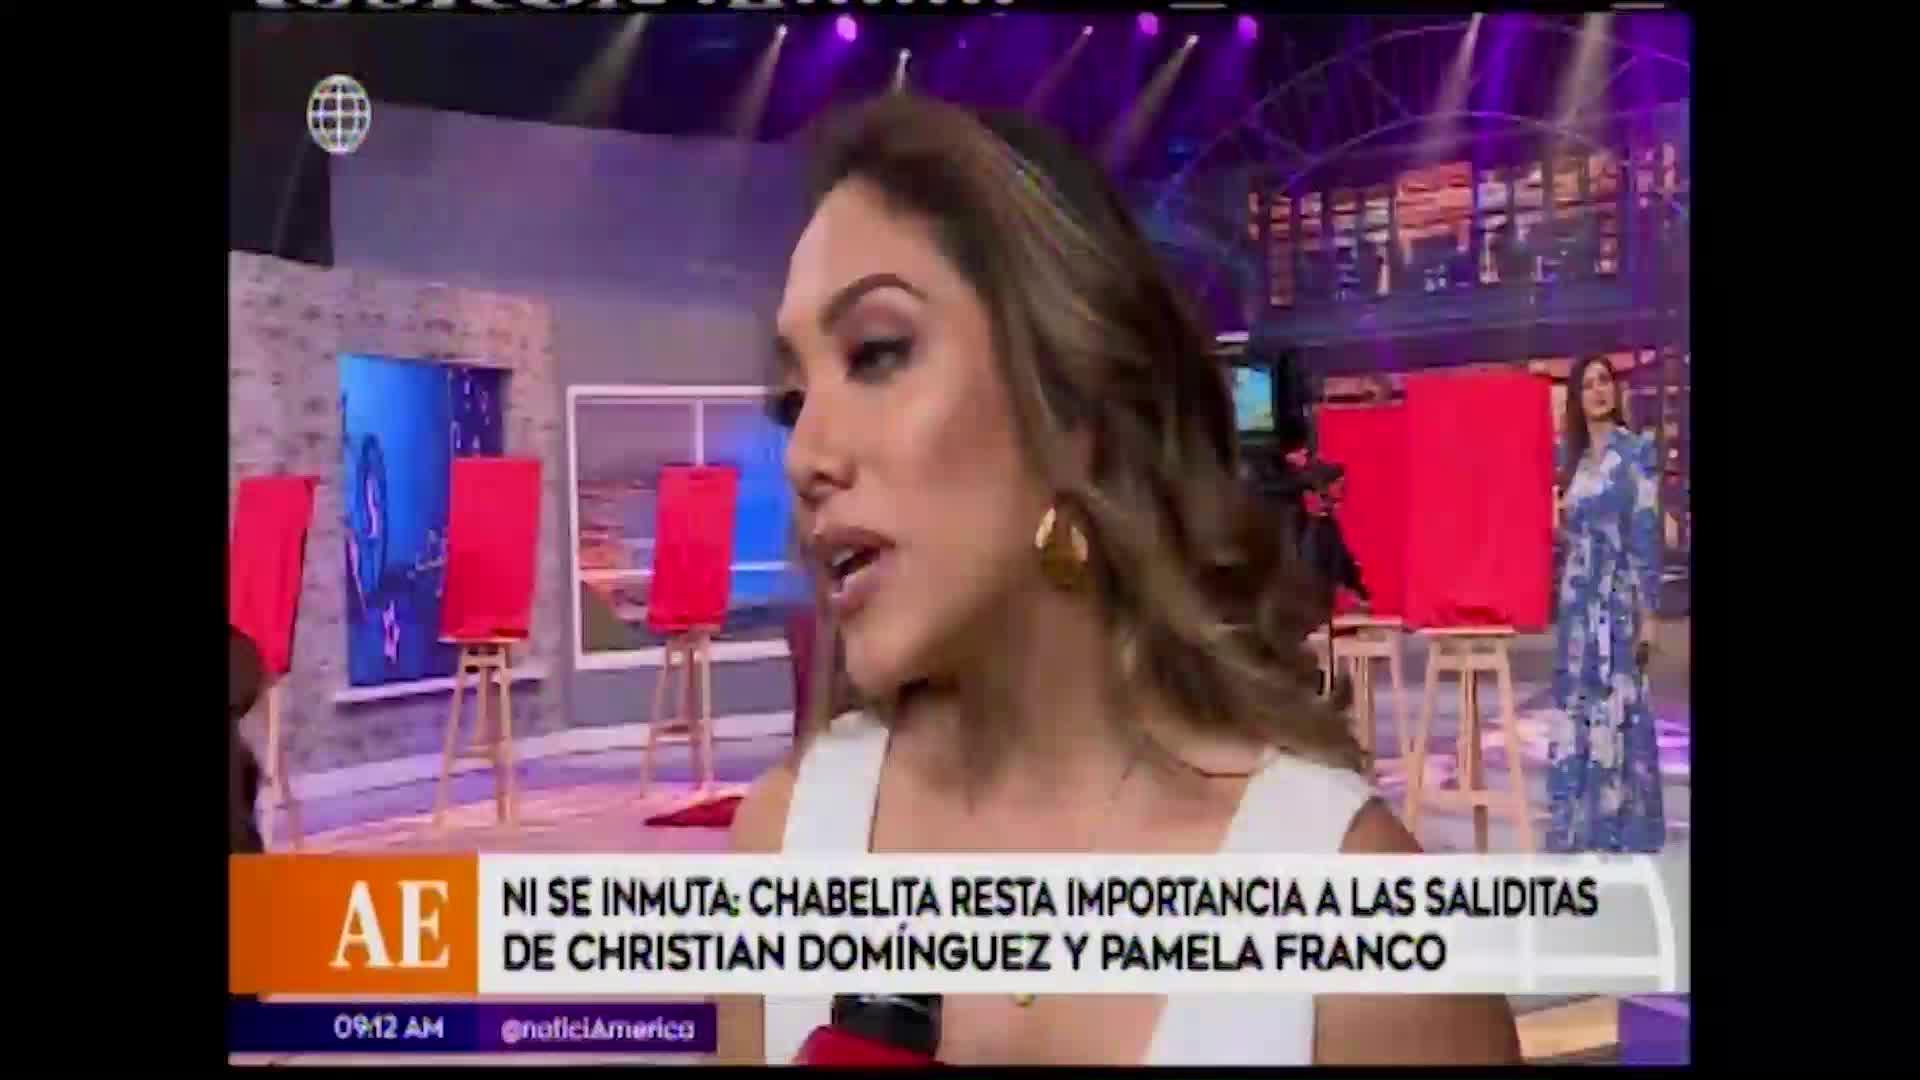 EBT: Isabel Acevedo prefiere no referirse a salidas de Christian Domínguez y Pamela Franco